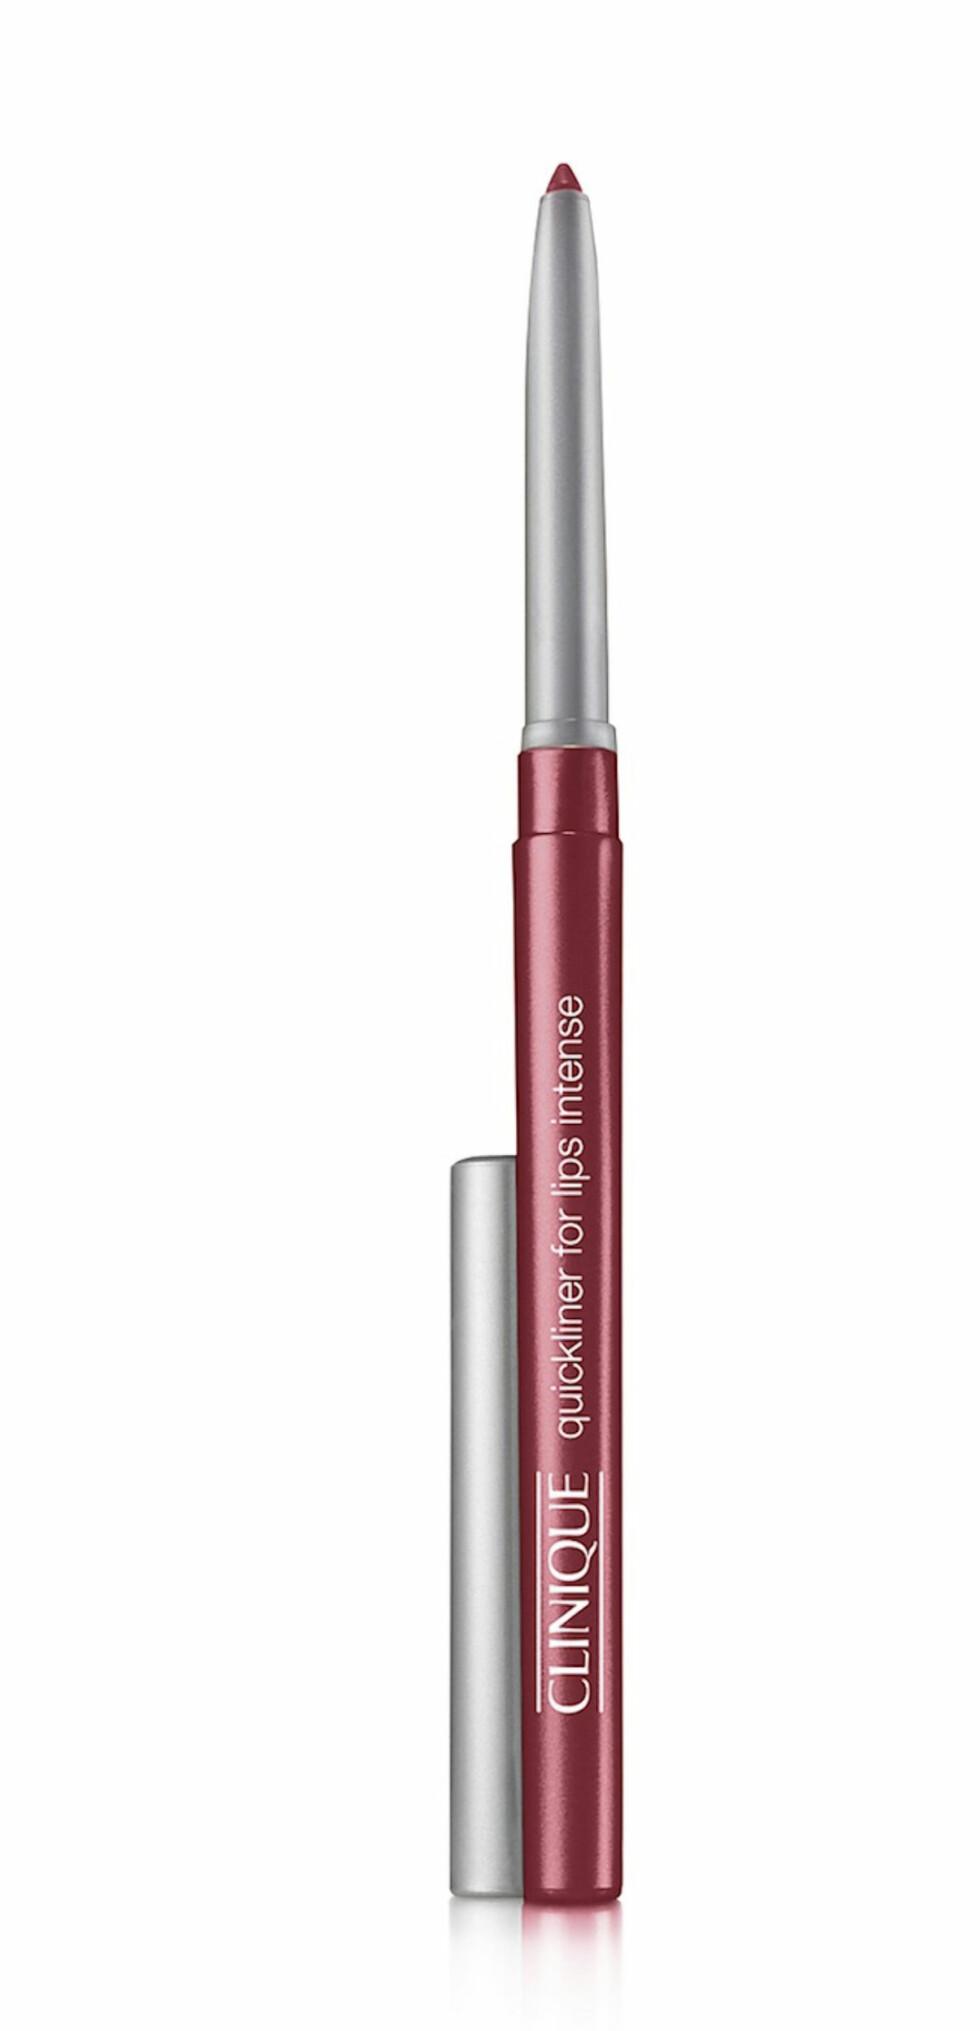 Lipliner (kr185, Clinique, Quickliner for Lips Intense).